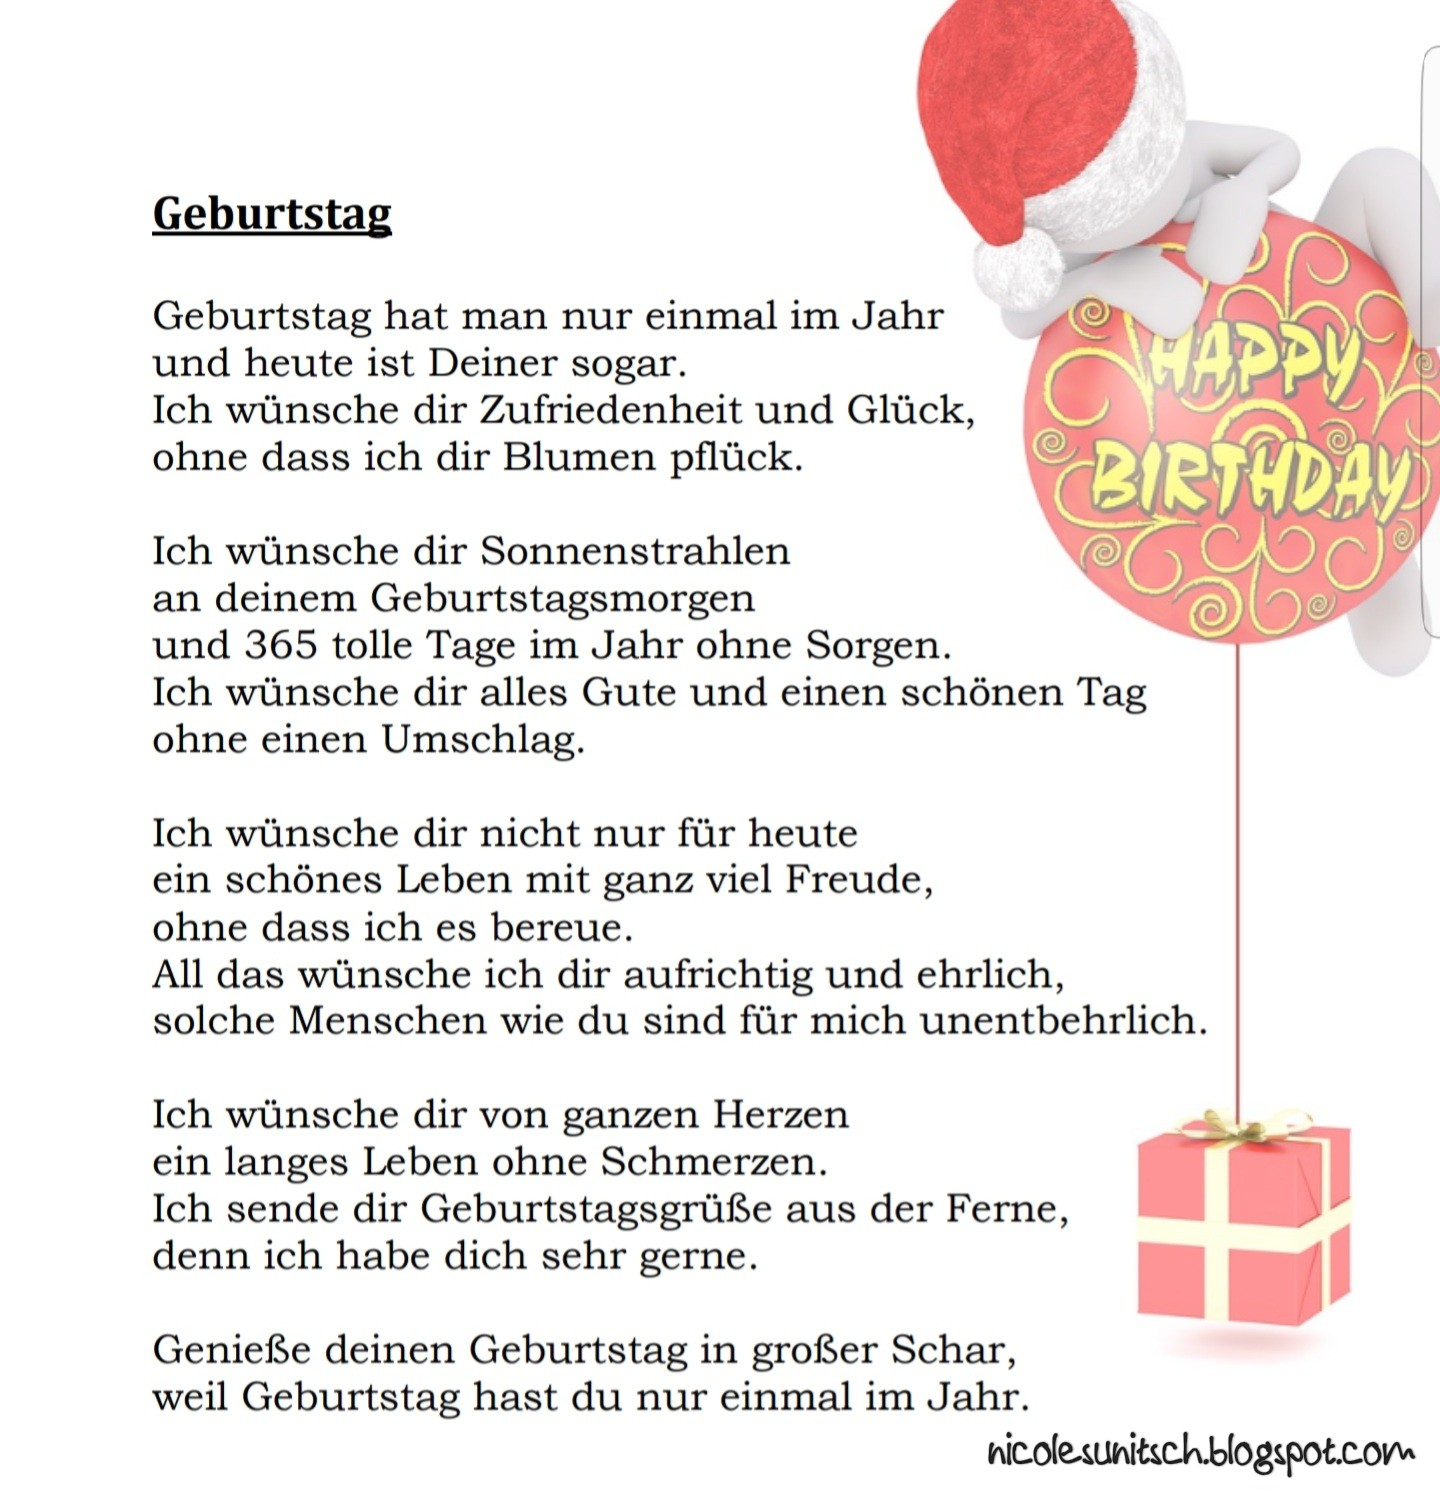 Gedichte Von Nicole Sunitsch Autorin Geburtstag Happy